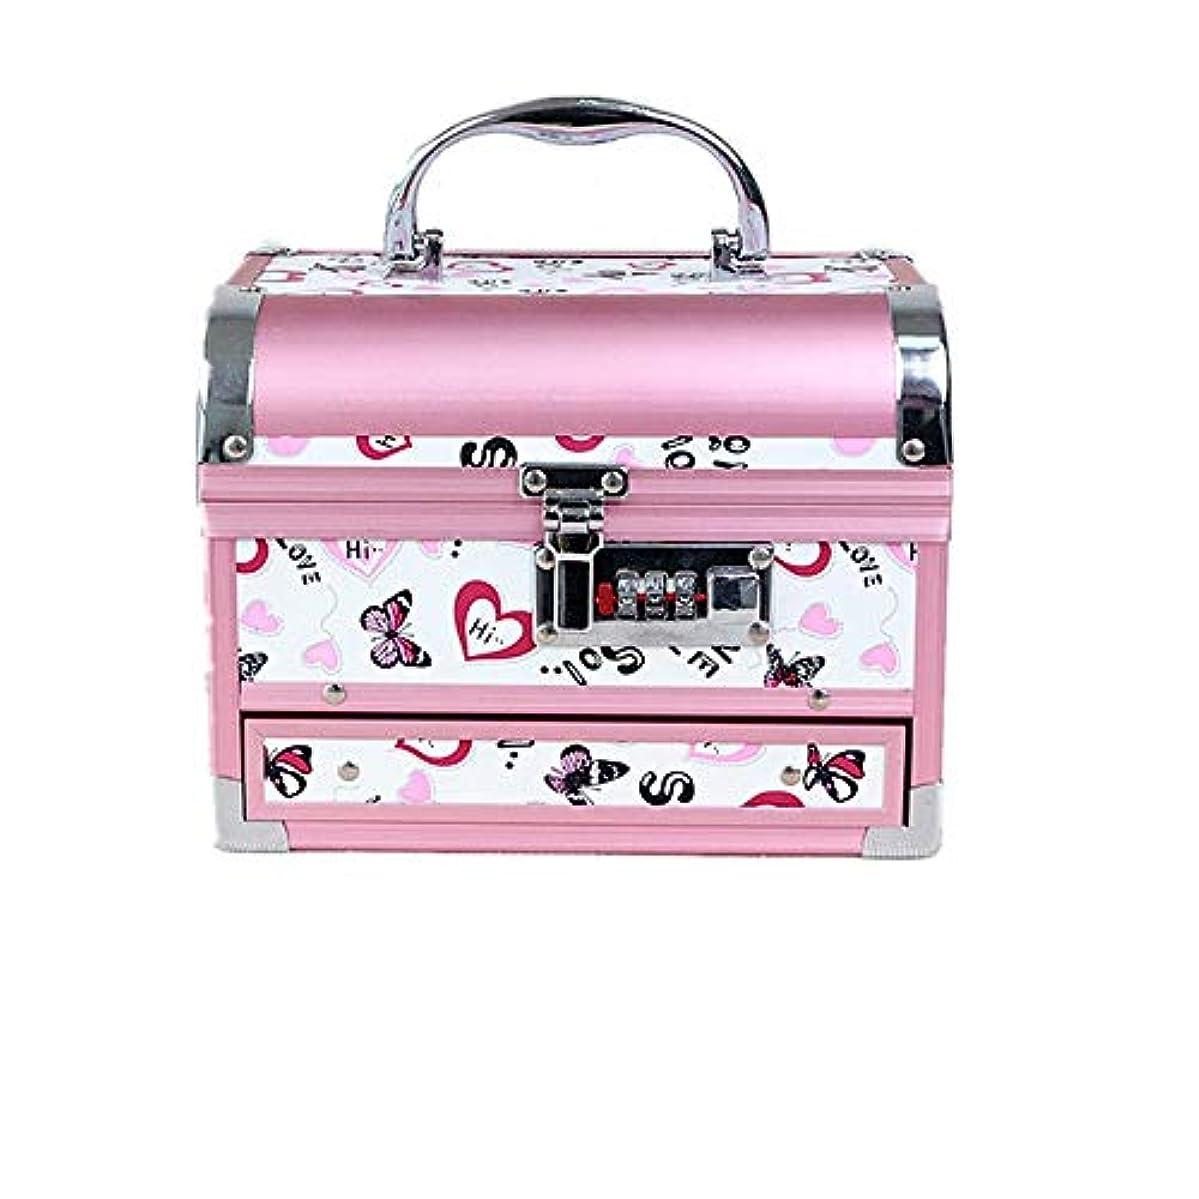 反抗ネズミ属する化粧オーガナイザーバッグ かわいいパターンポータブル化粧品ケーストラベルアクセサリーシャンプーボディウォッシュパーソナルアイテムストレージロックと拡張トレイ 化粧品ケース